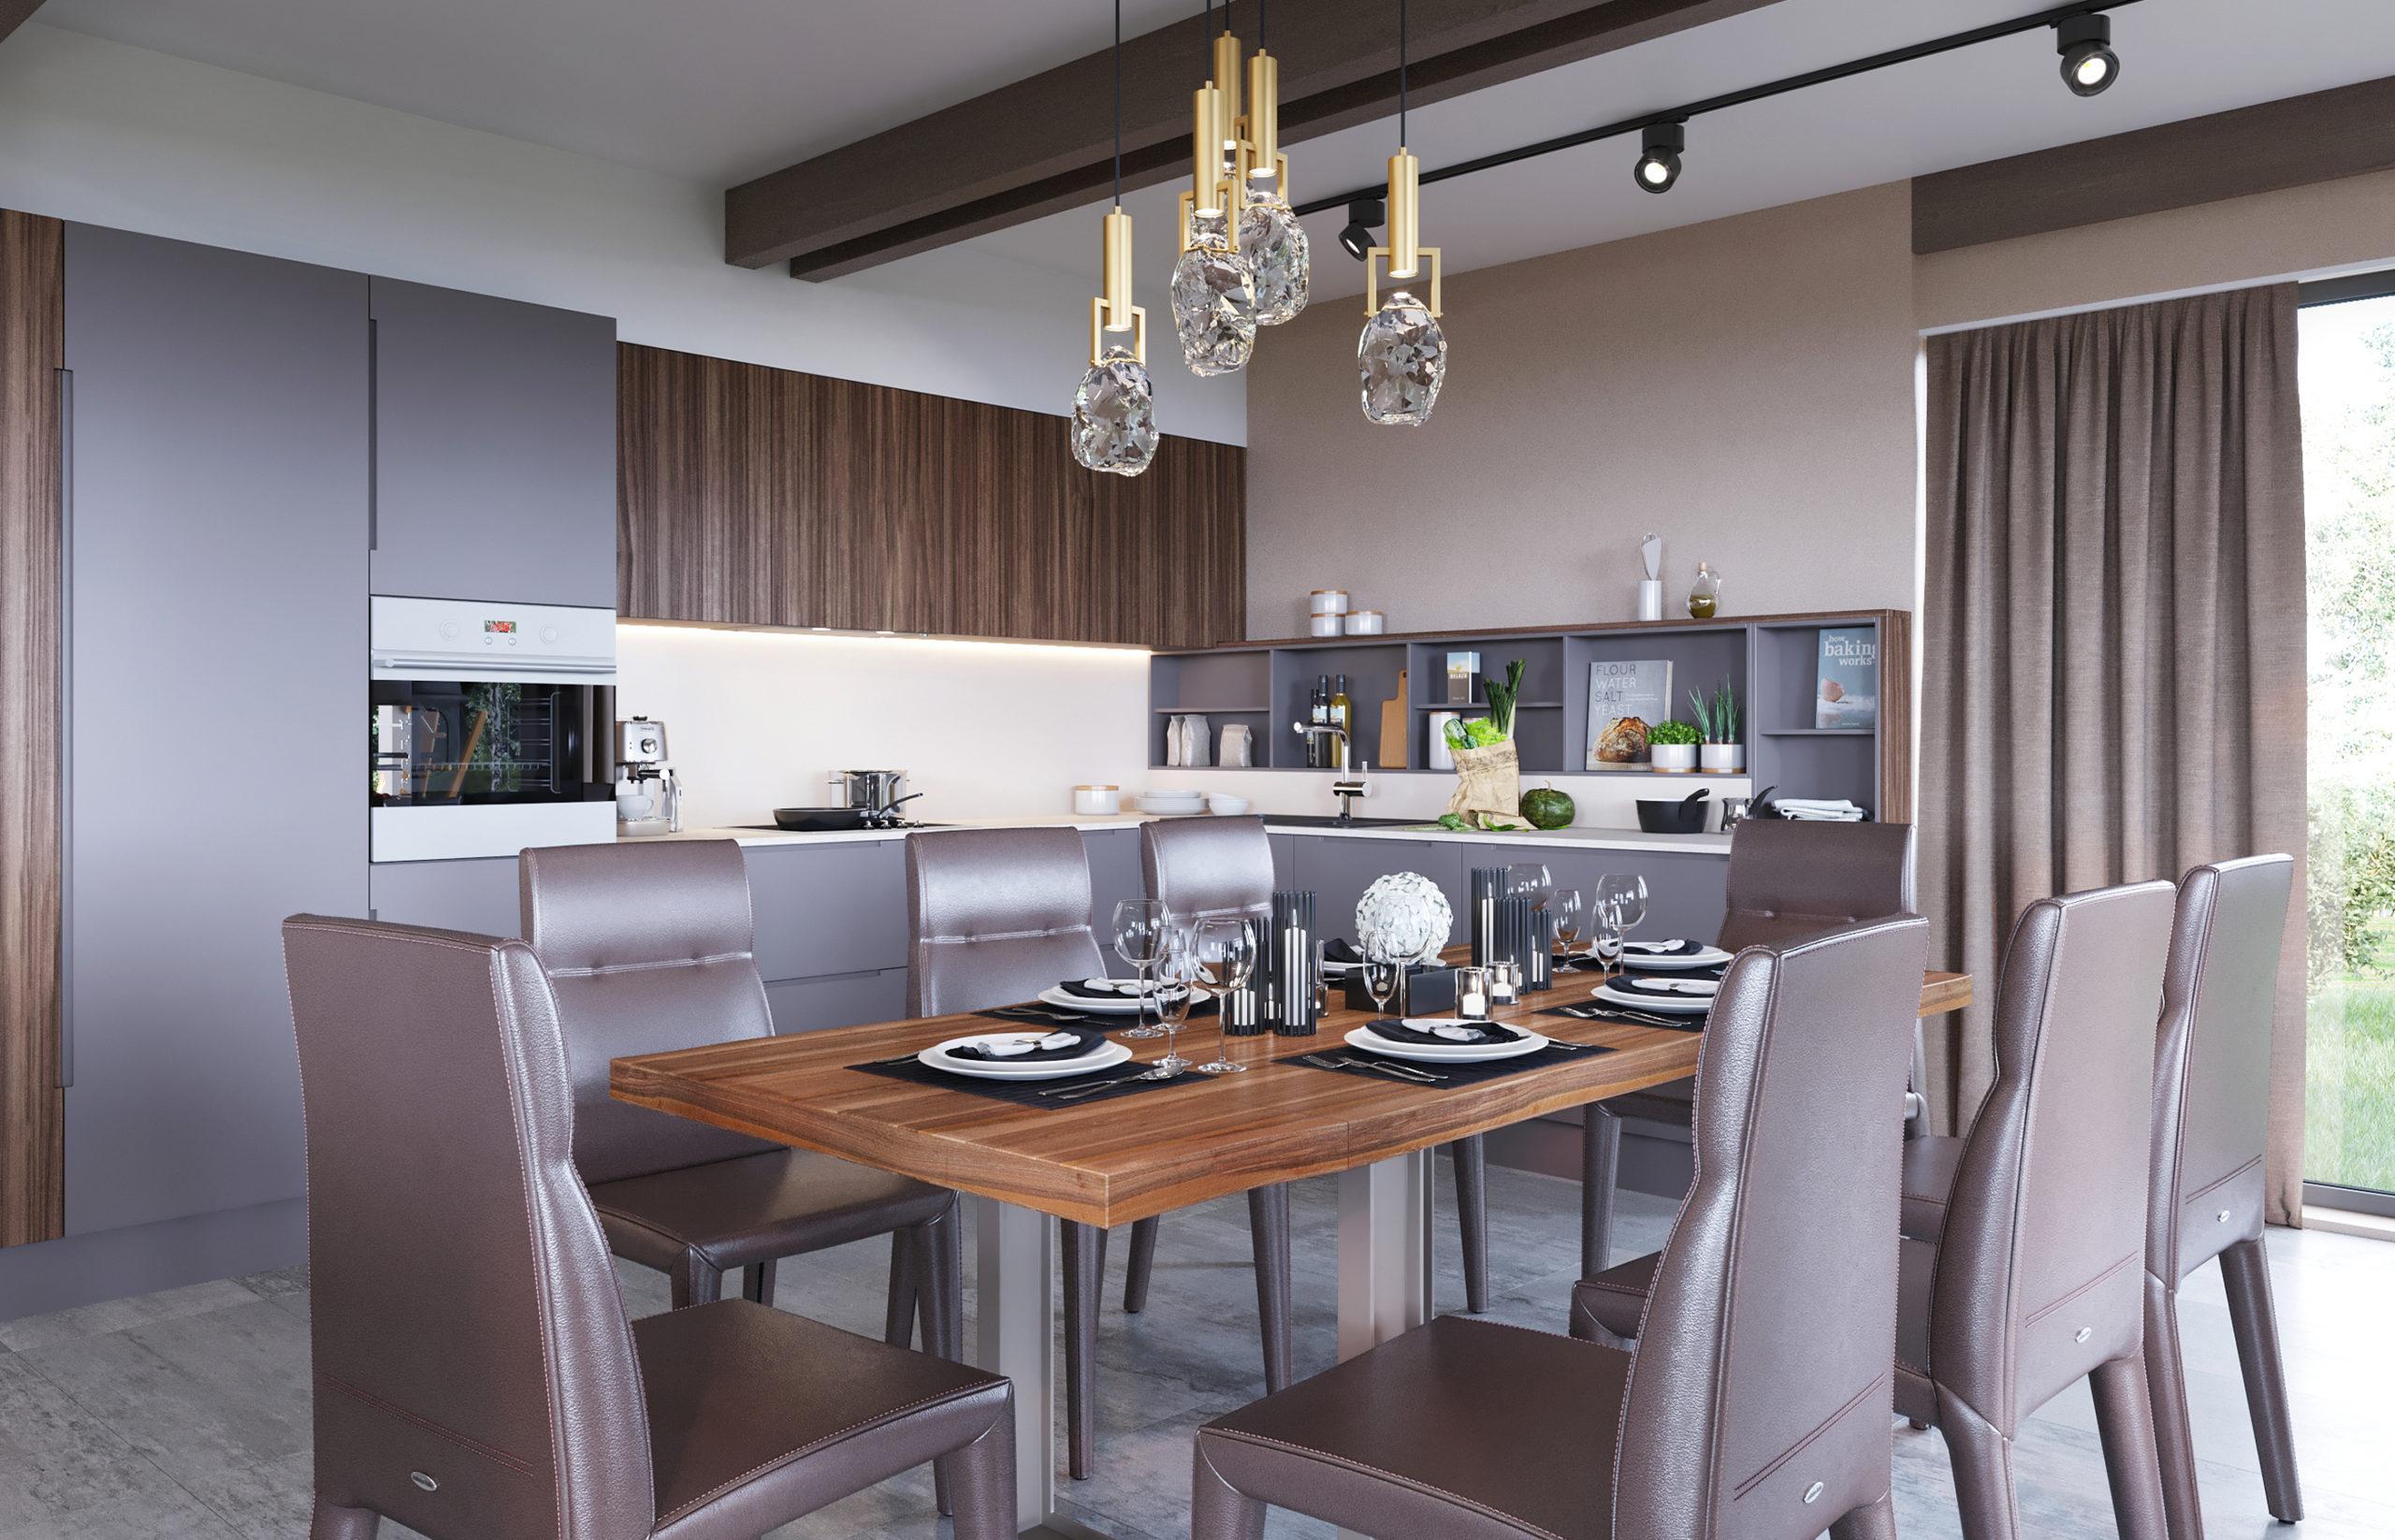 Зона стены над столешницей, спроектированная российской фабрикой Giulia Novars, является самым удобным местом для хранения мелкой кухонной утвари и специй